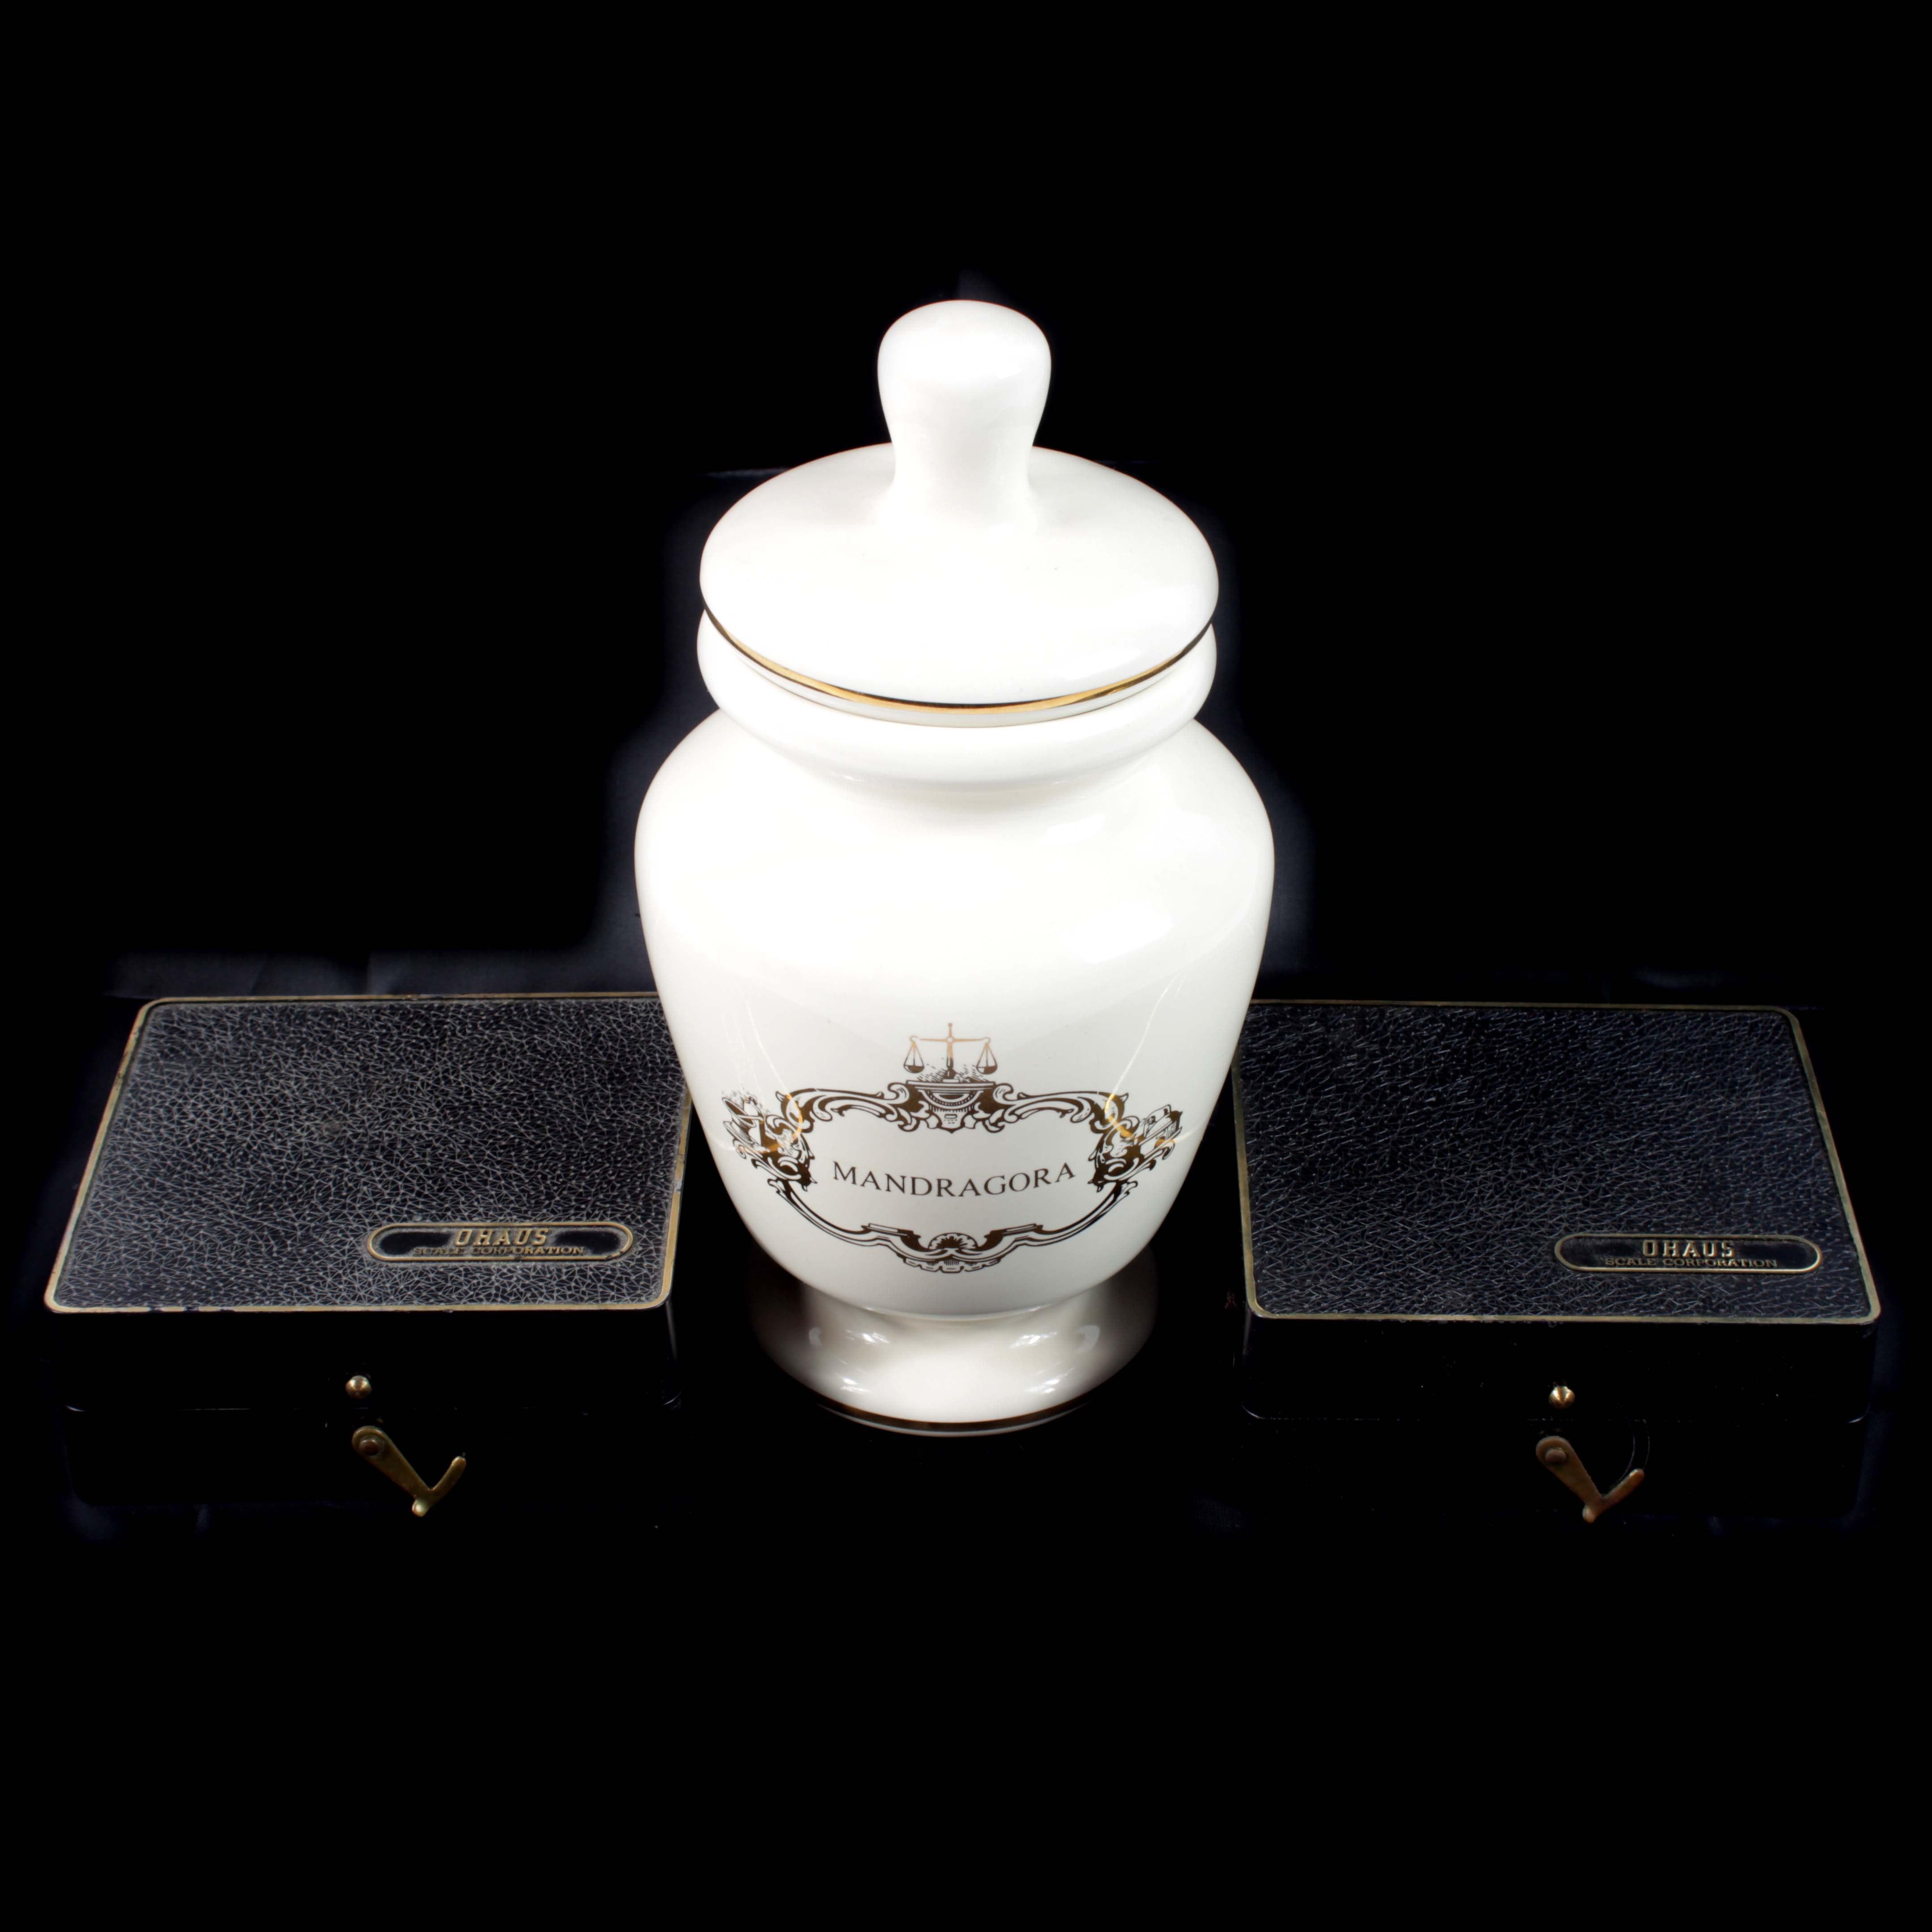 Collection of Pharmacy Memorabilia - 3pc